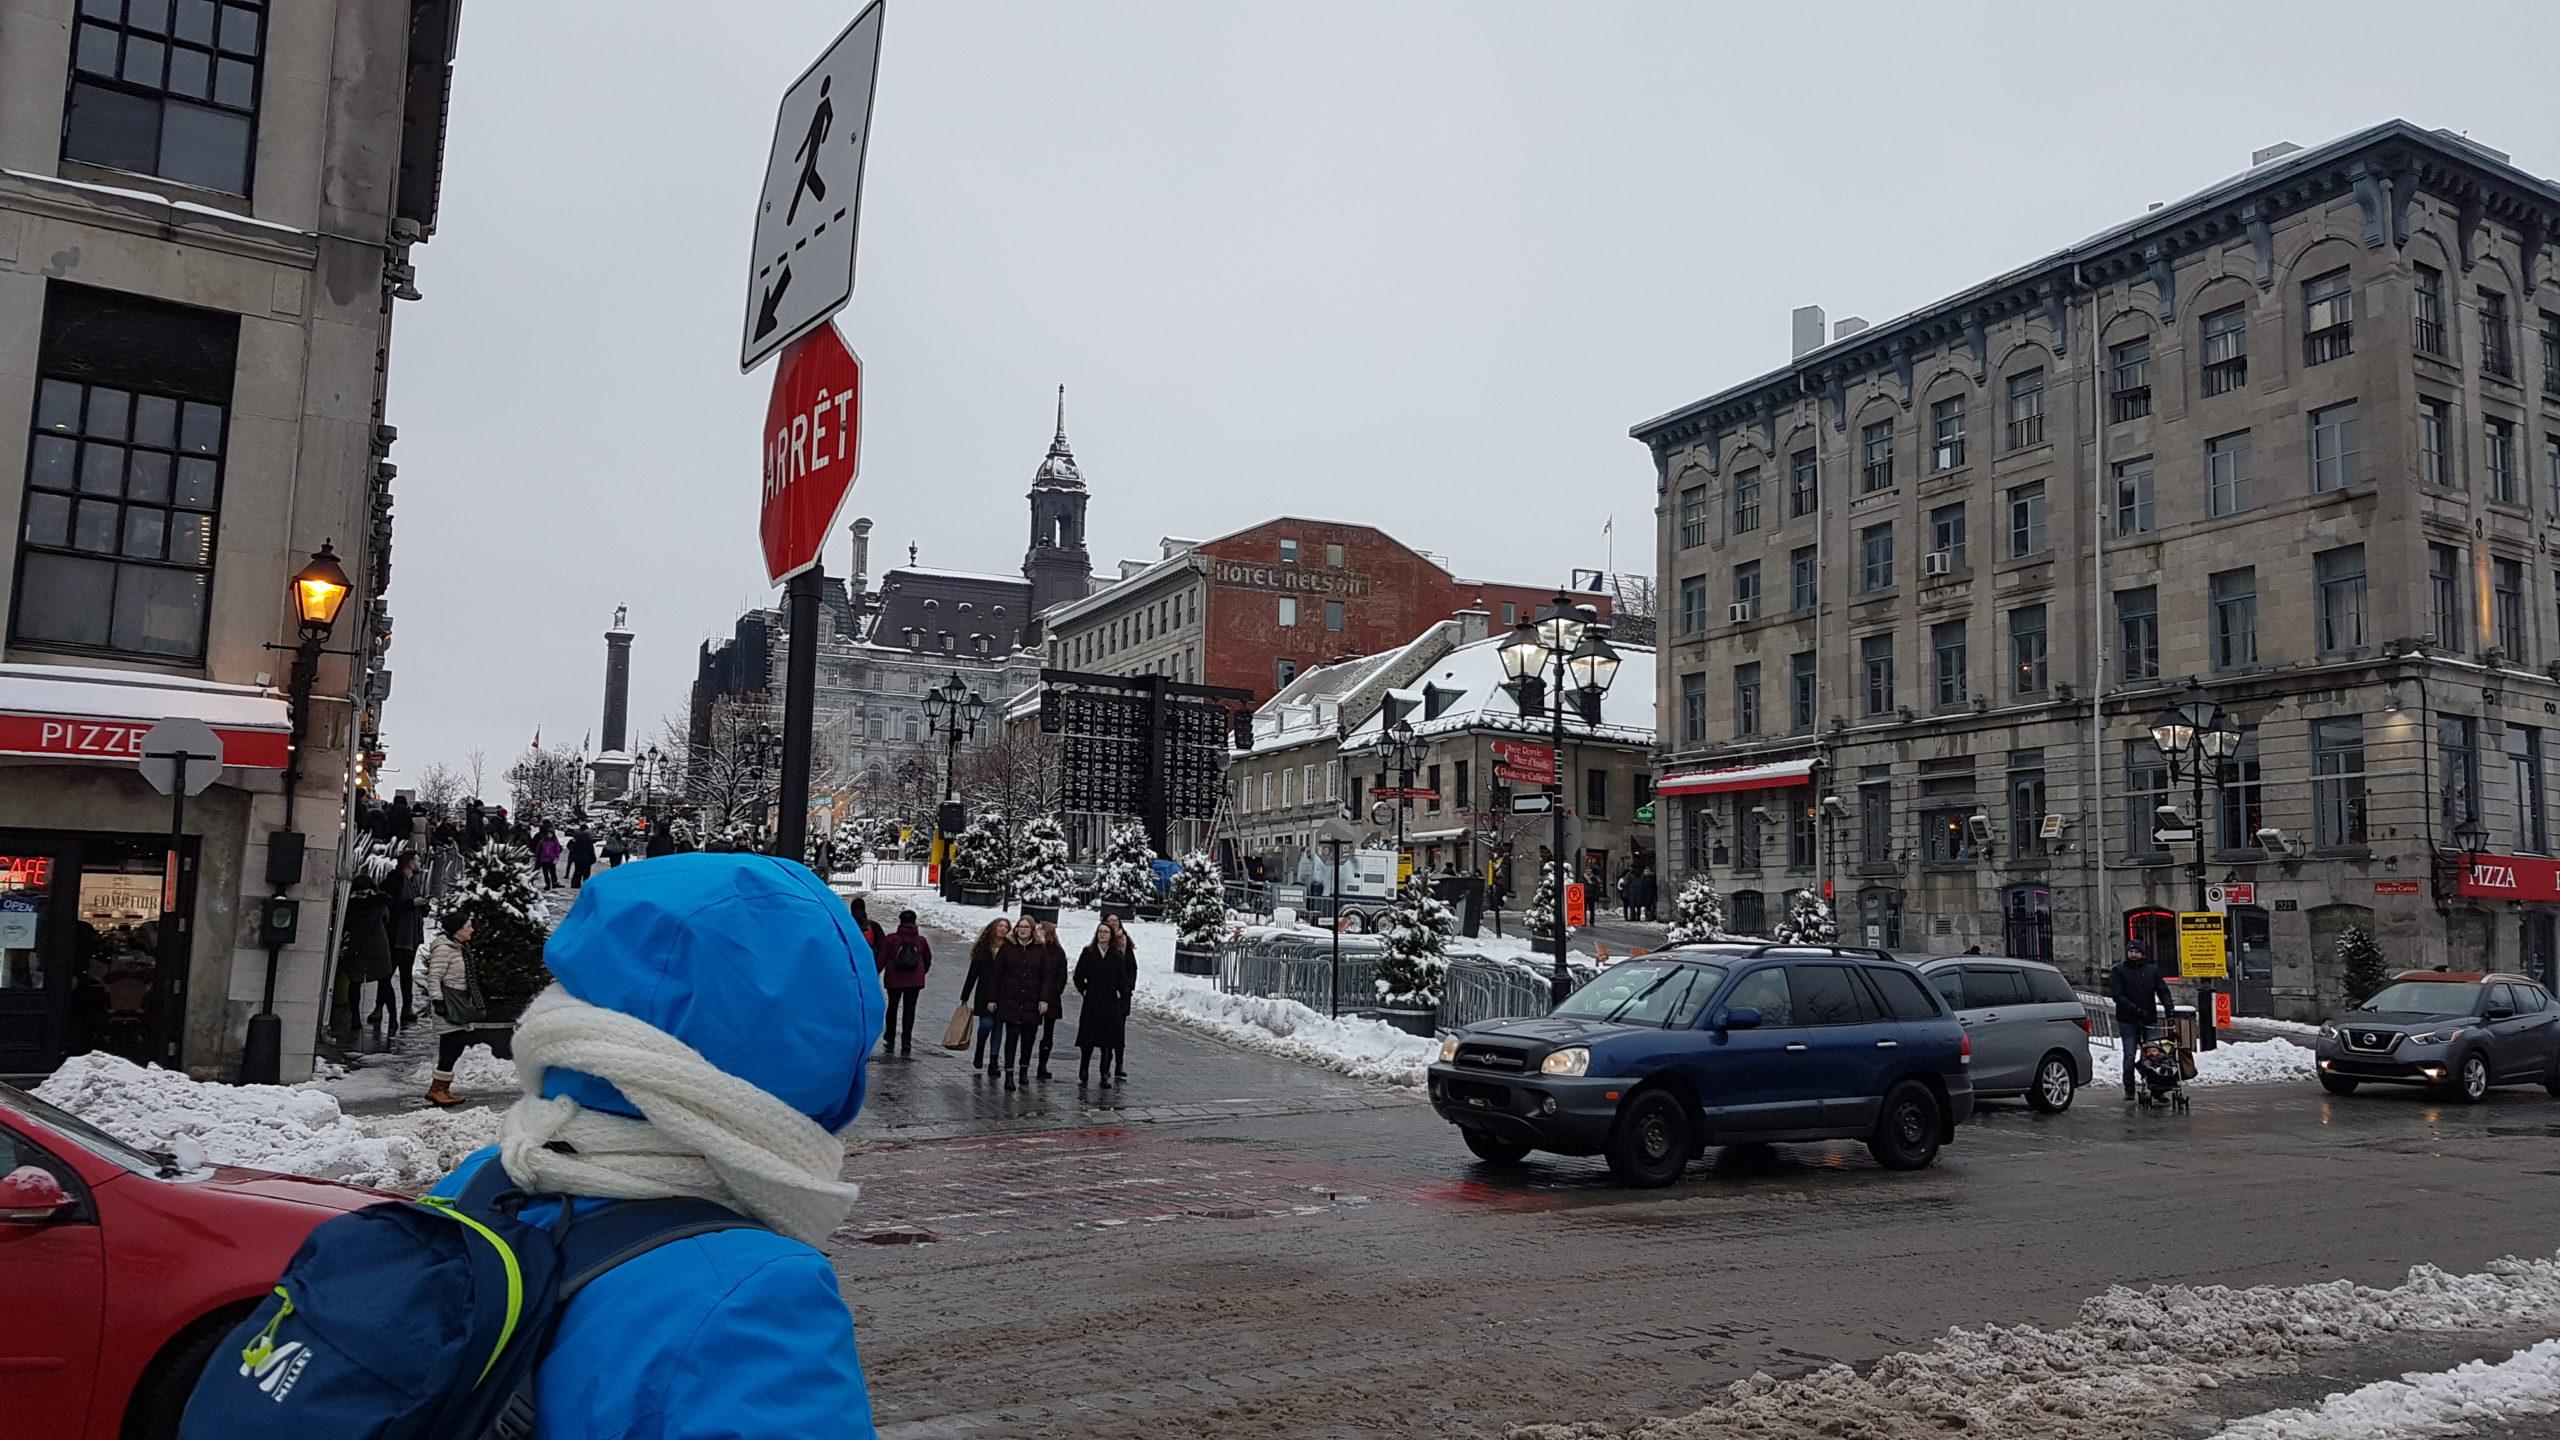 Toujours en chemin vers le Vieux port de Montréal.